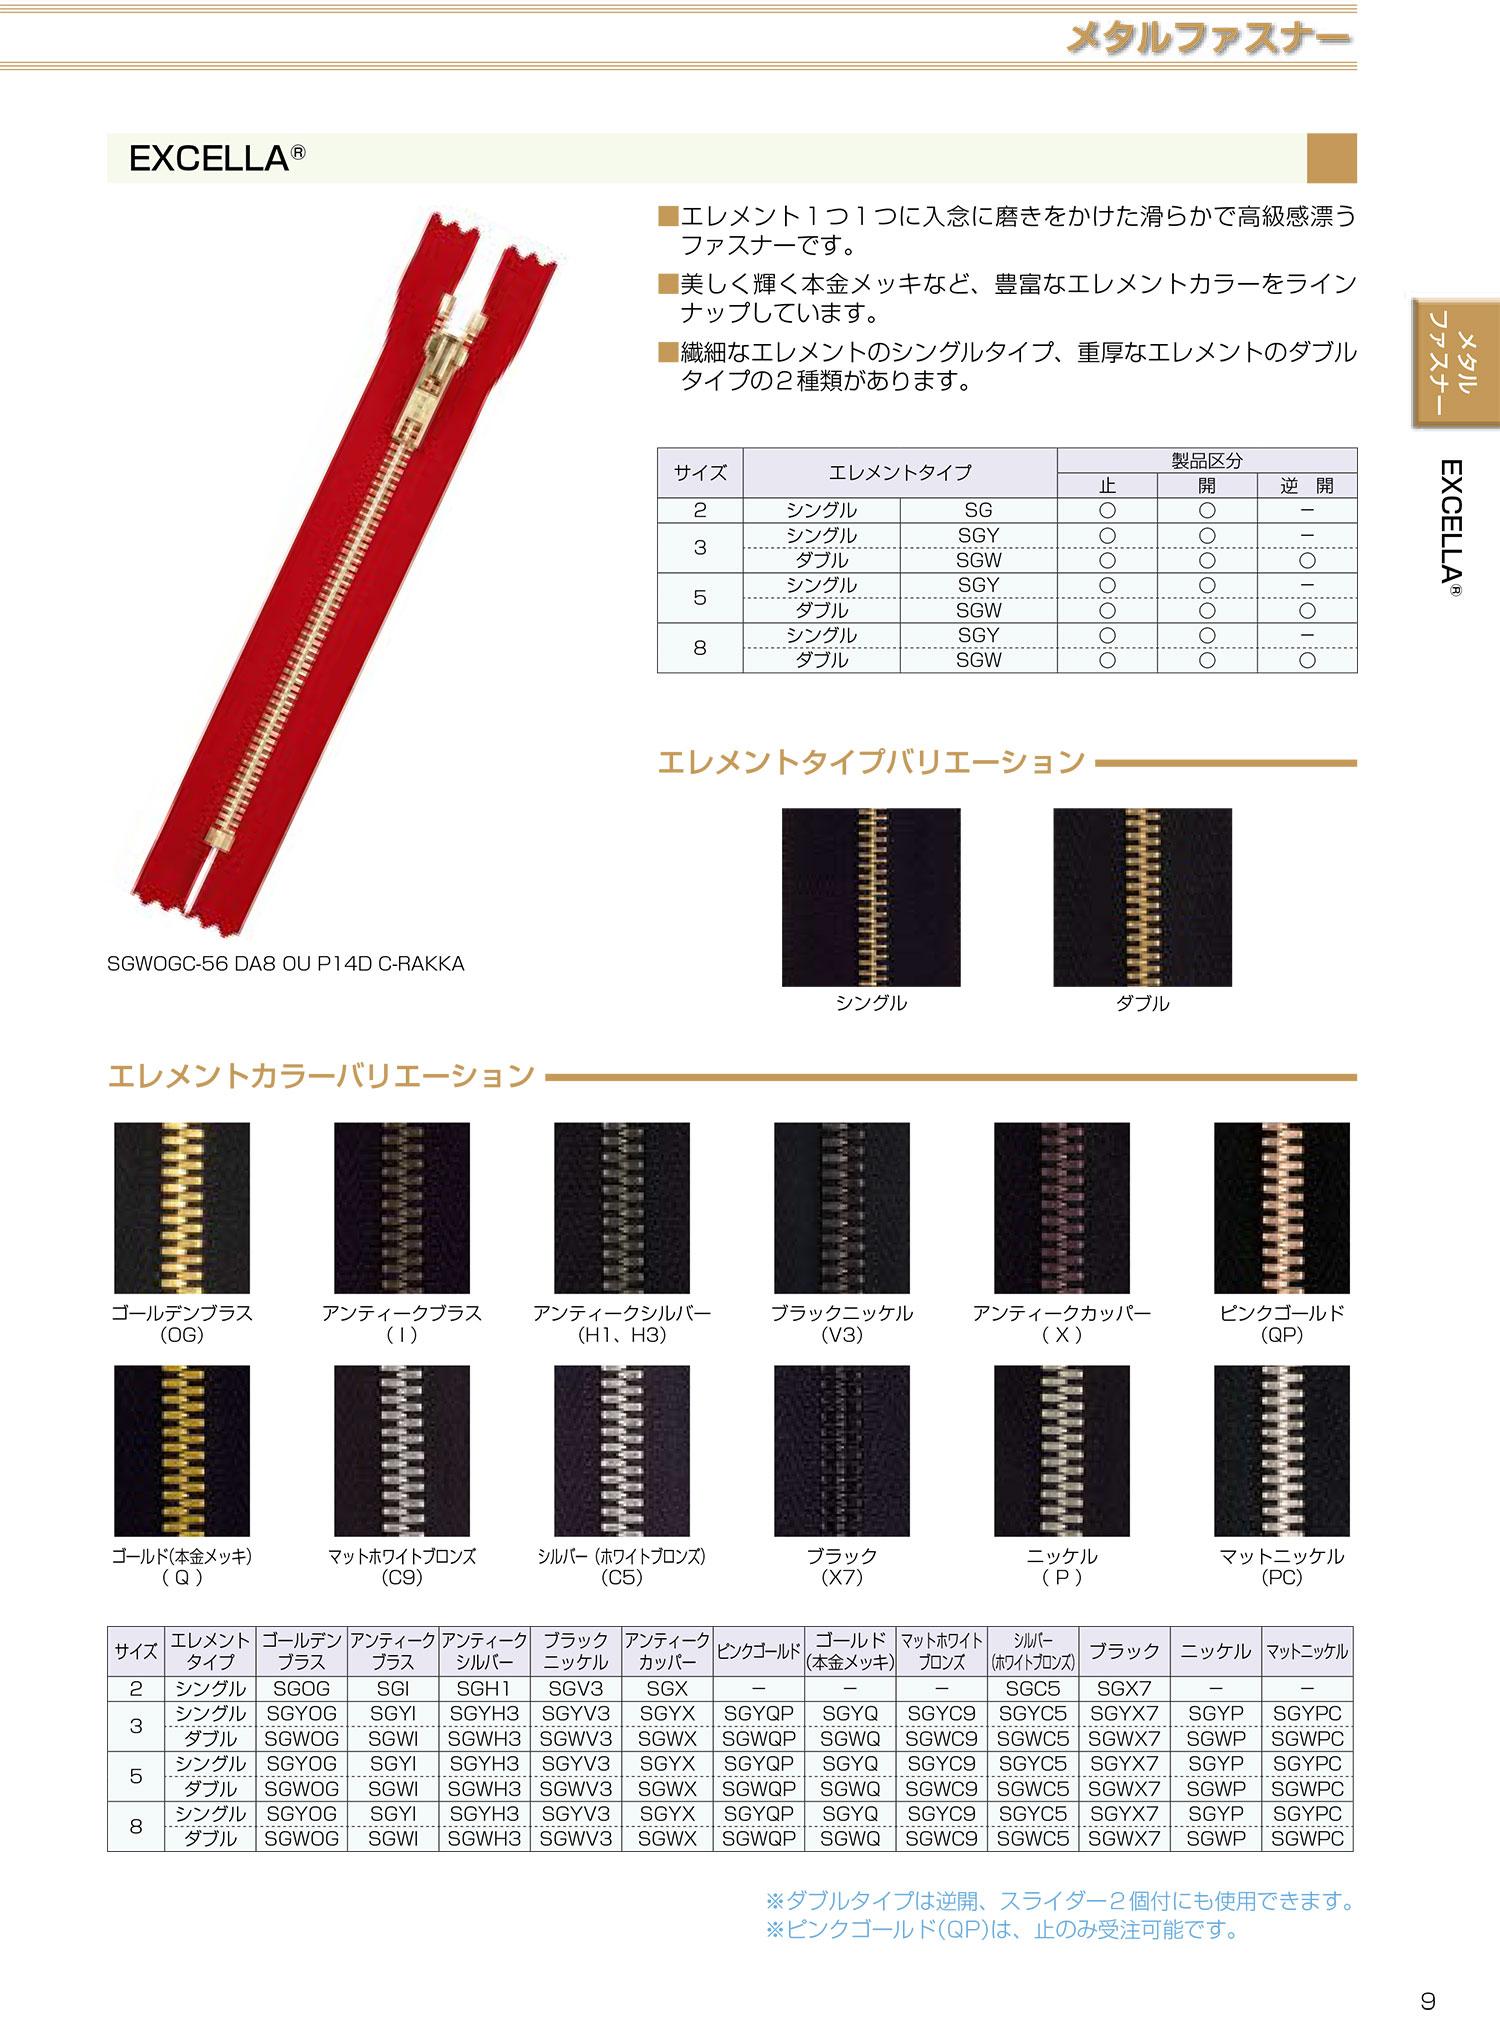 3SGWIC エクセラ 3サイズ アンティークブラス 止め ダブル[ファスナー] YKK/オークラ商事 - ApparelX アパレル資材卸通販